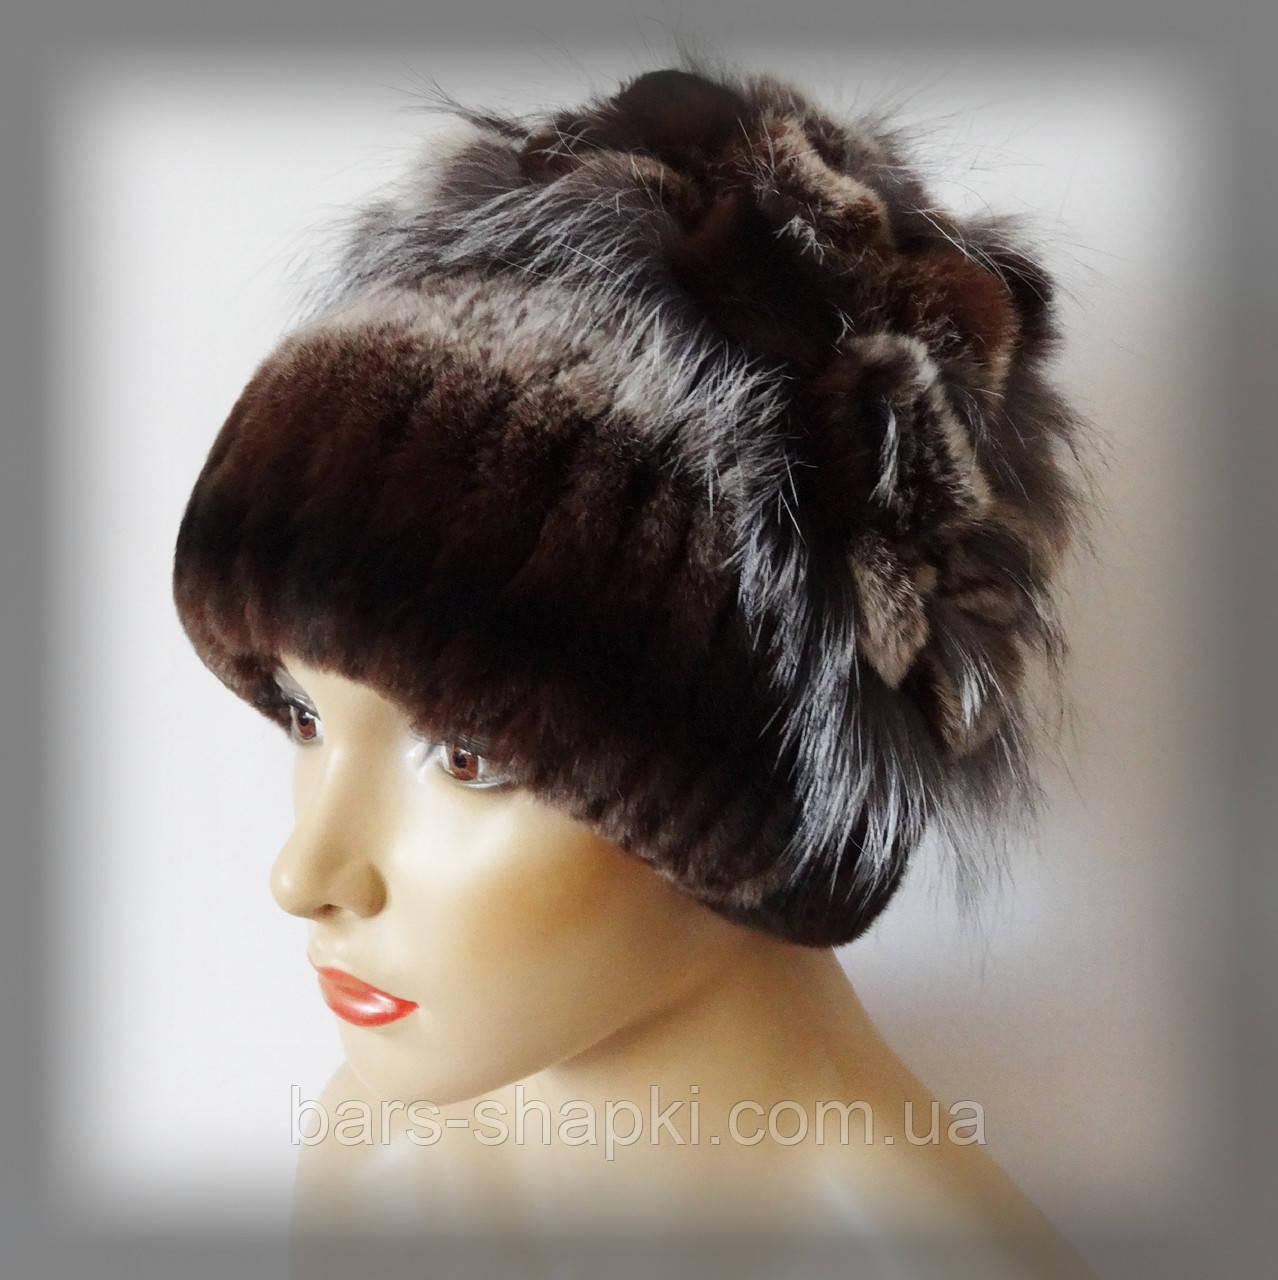 Меховая шапка из Rex Rabbit, коричневая (водопад)